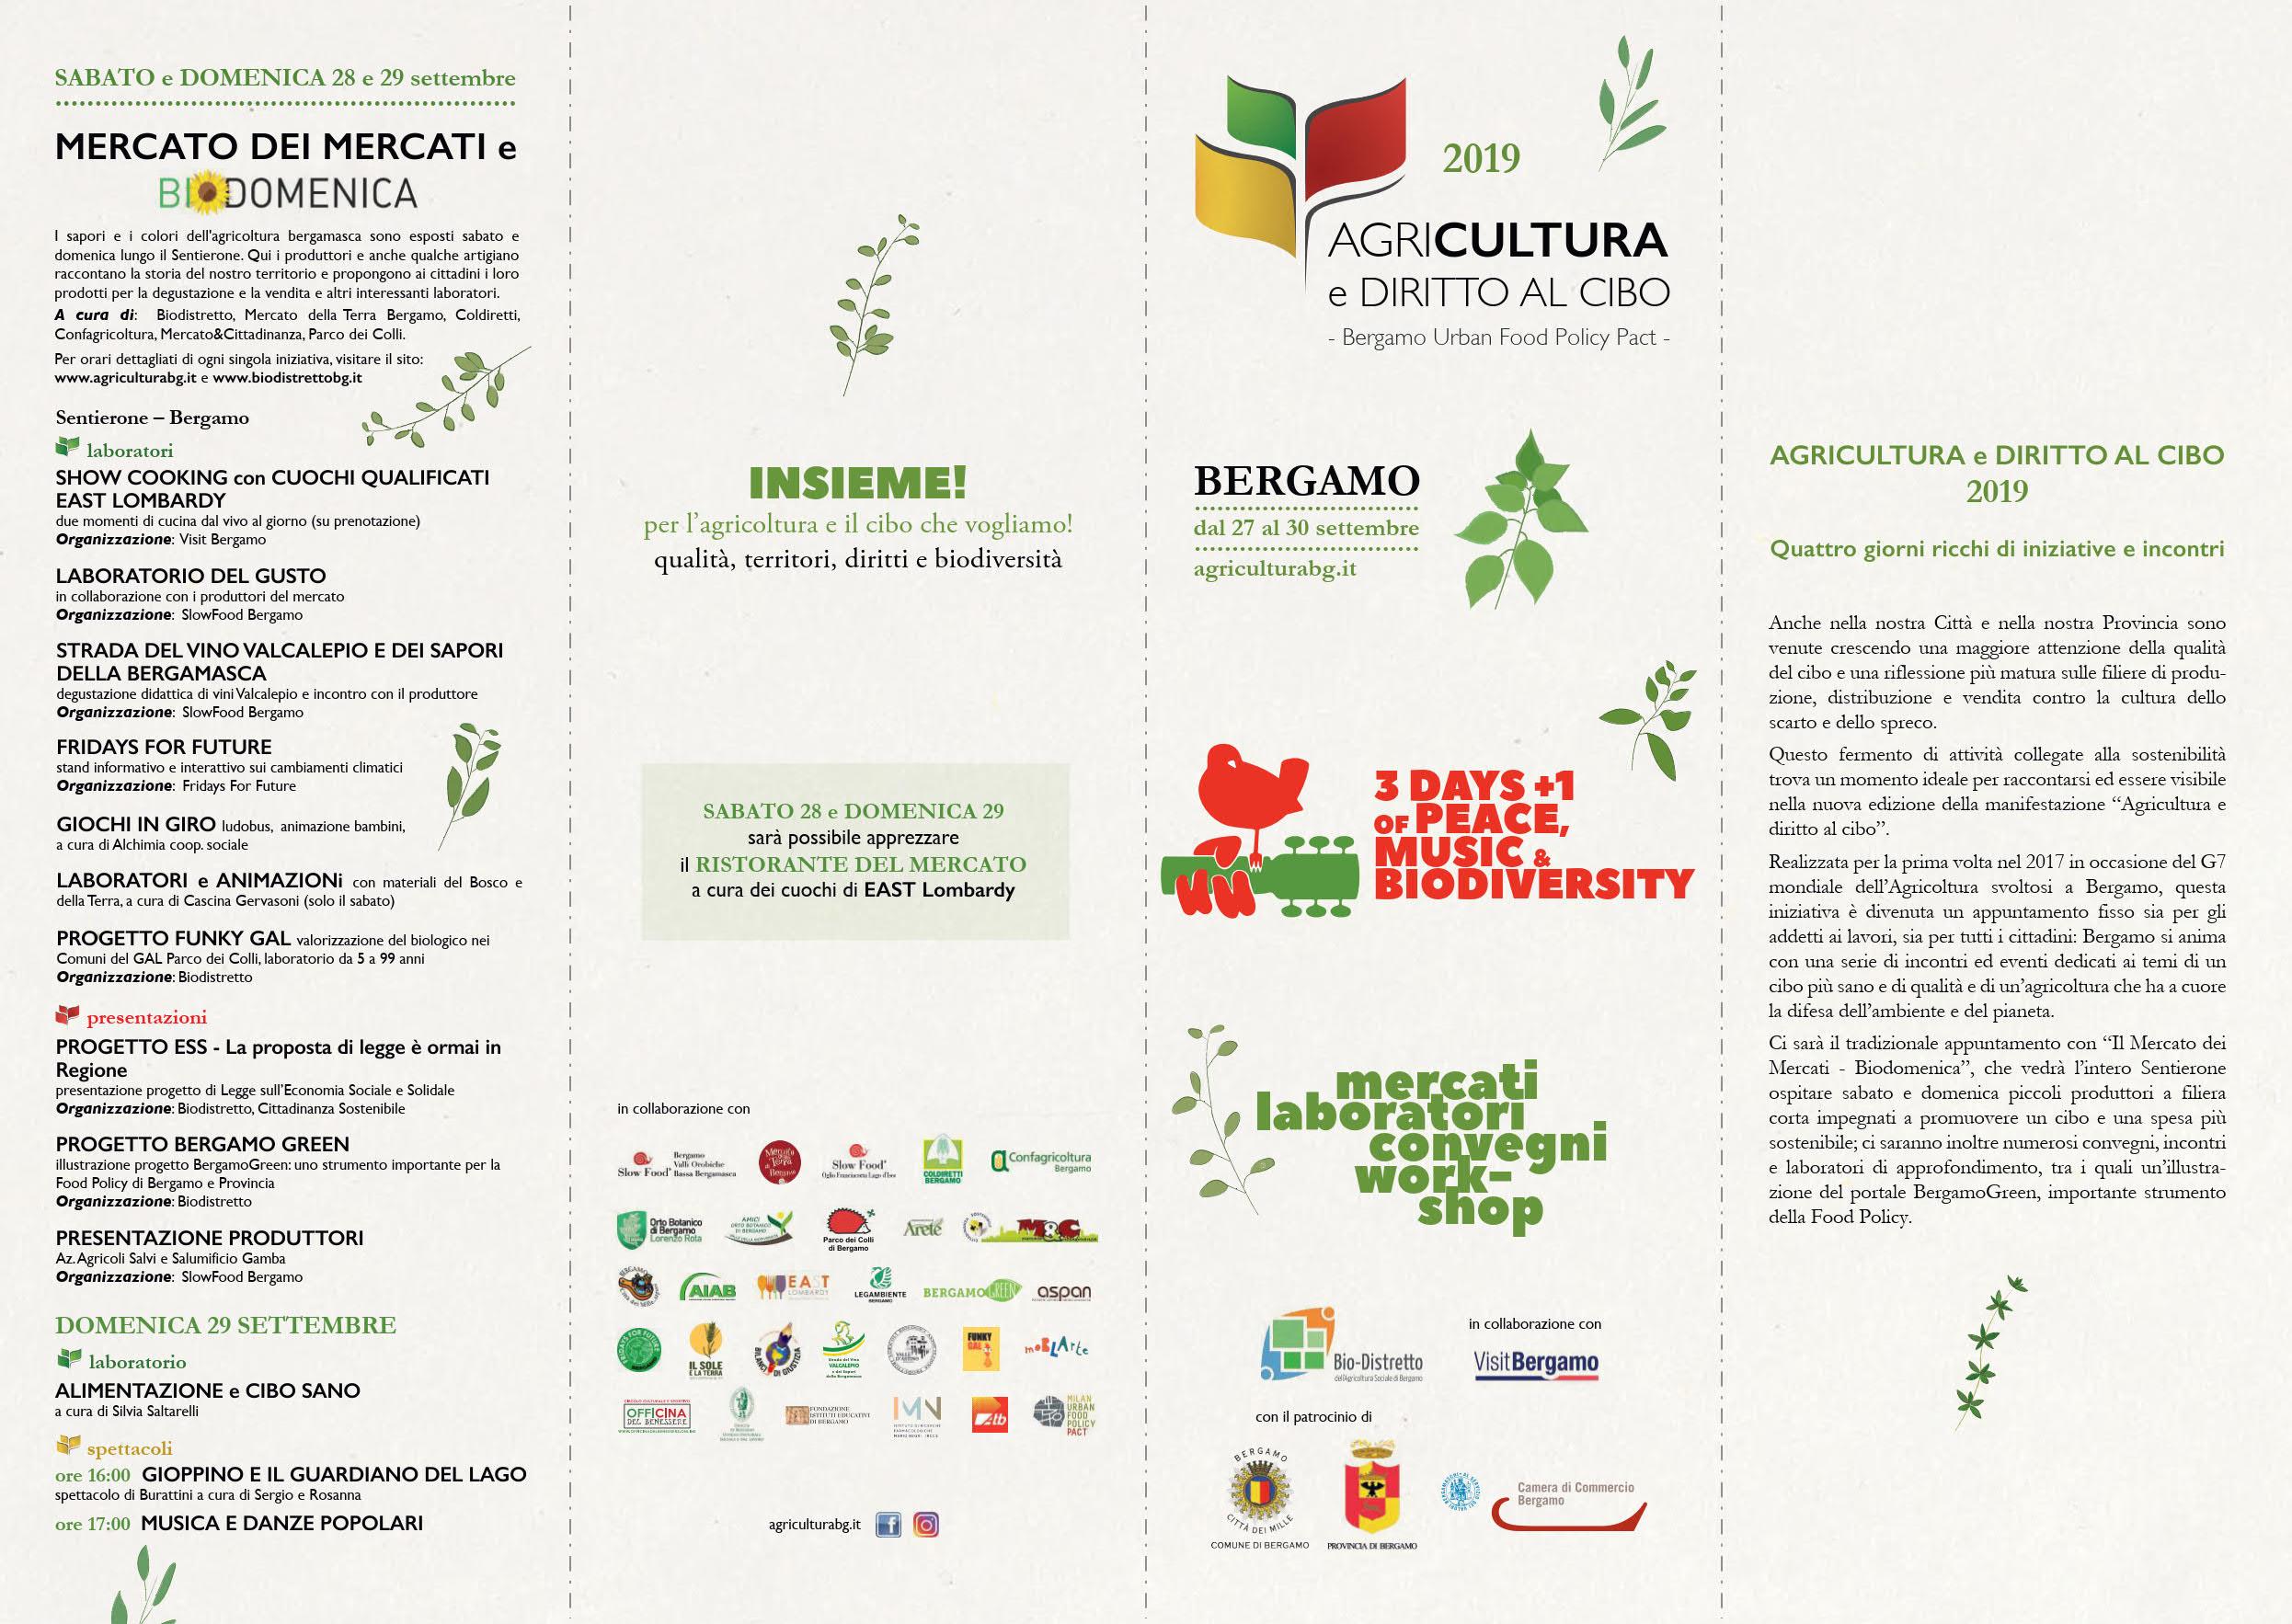 AgriCultura e Diritto al Cibo